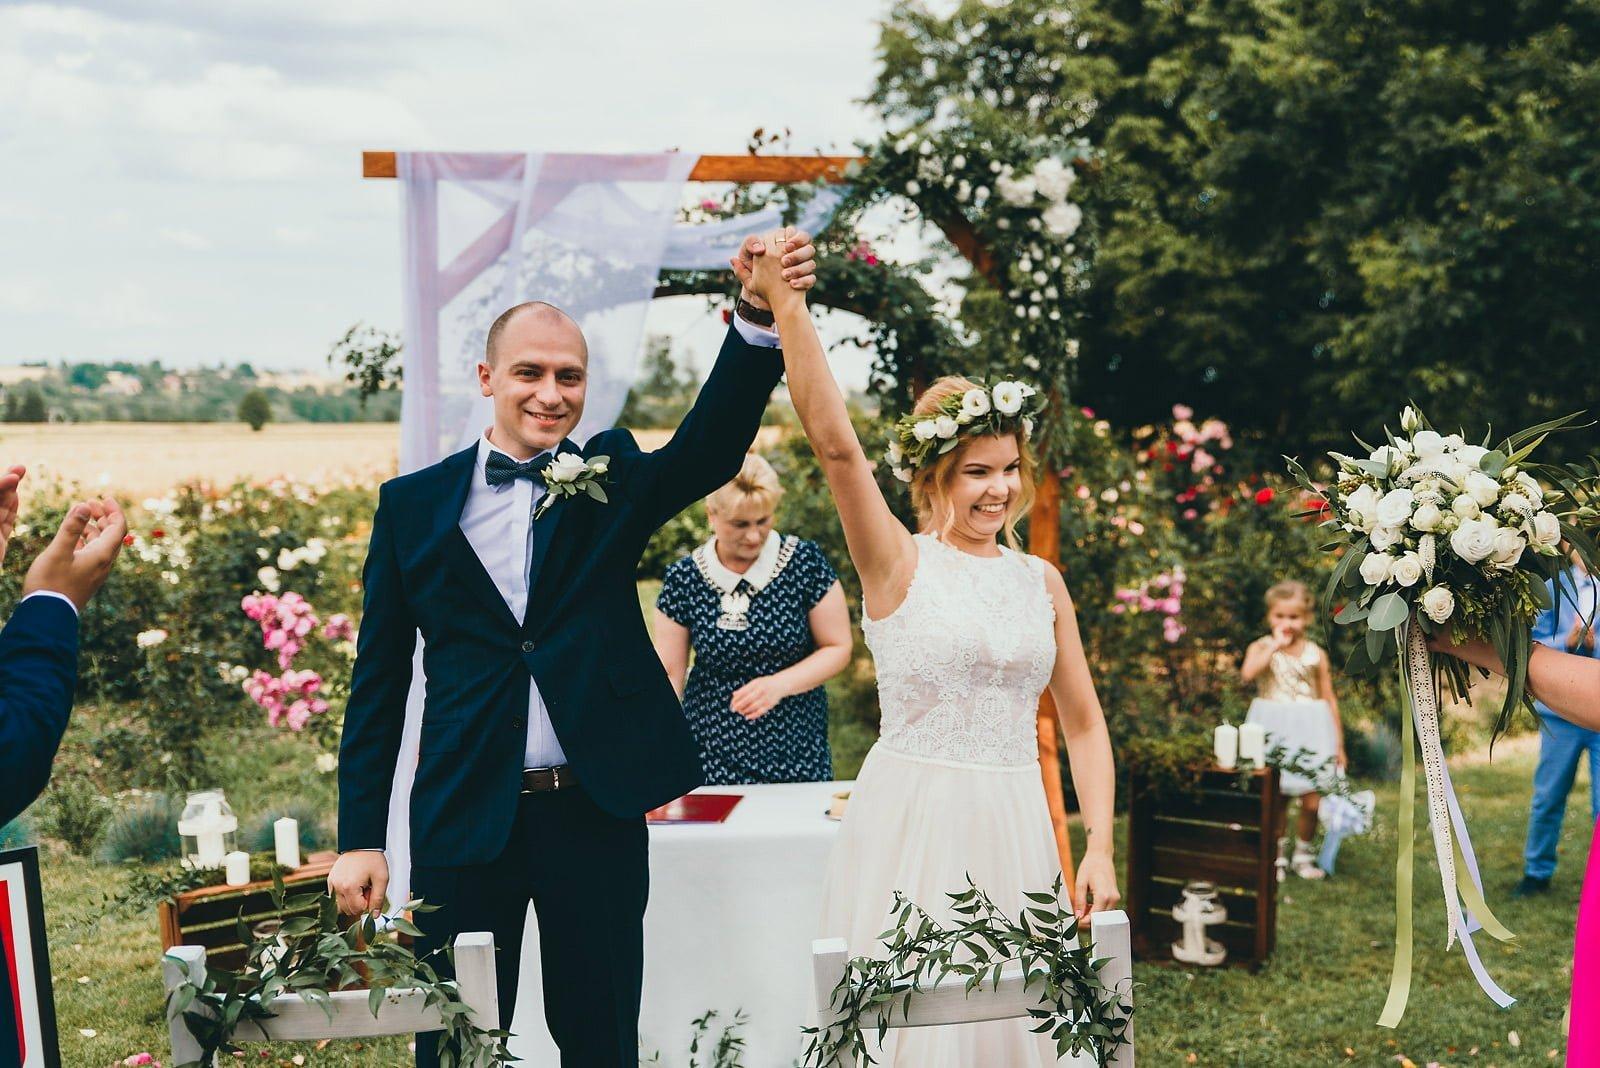 Justyna i Szymon – plenerowy ślub w stylu boho